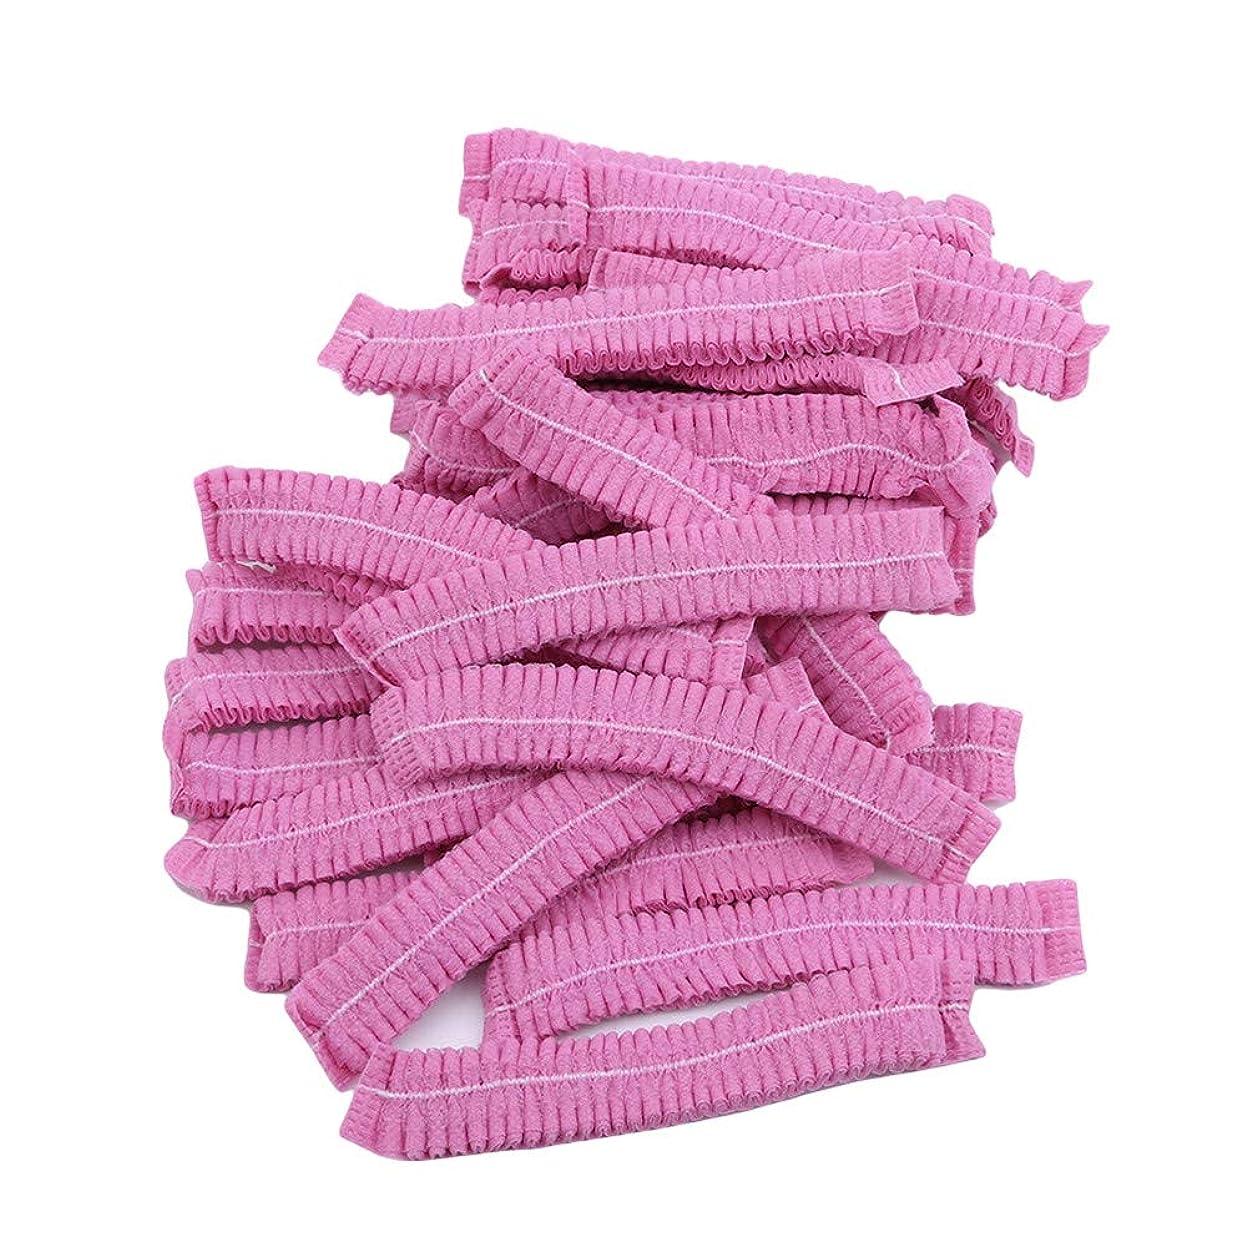 答え代数メンバーLJSLYJ 100ピースマイクロブレードパーマネントメイクアップ使い捨てヘアネットキャップ滅菌帽子眉毛スタイリングツールアクセサリー、ピンク